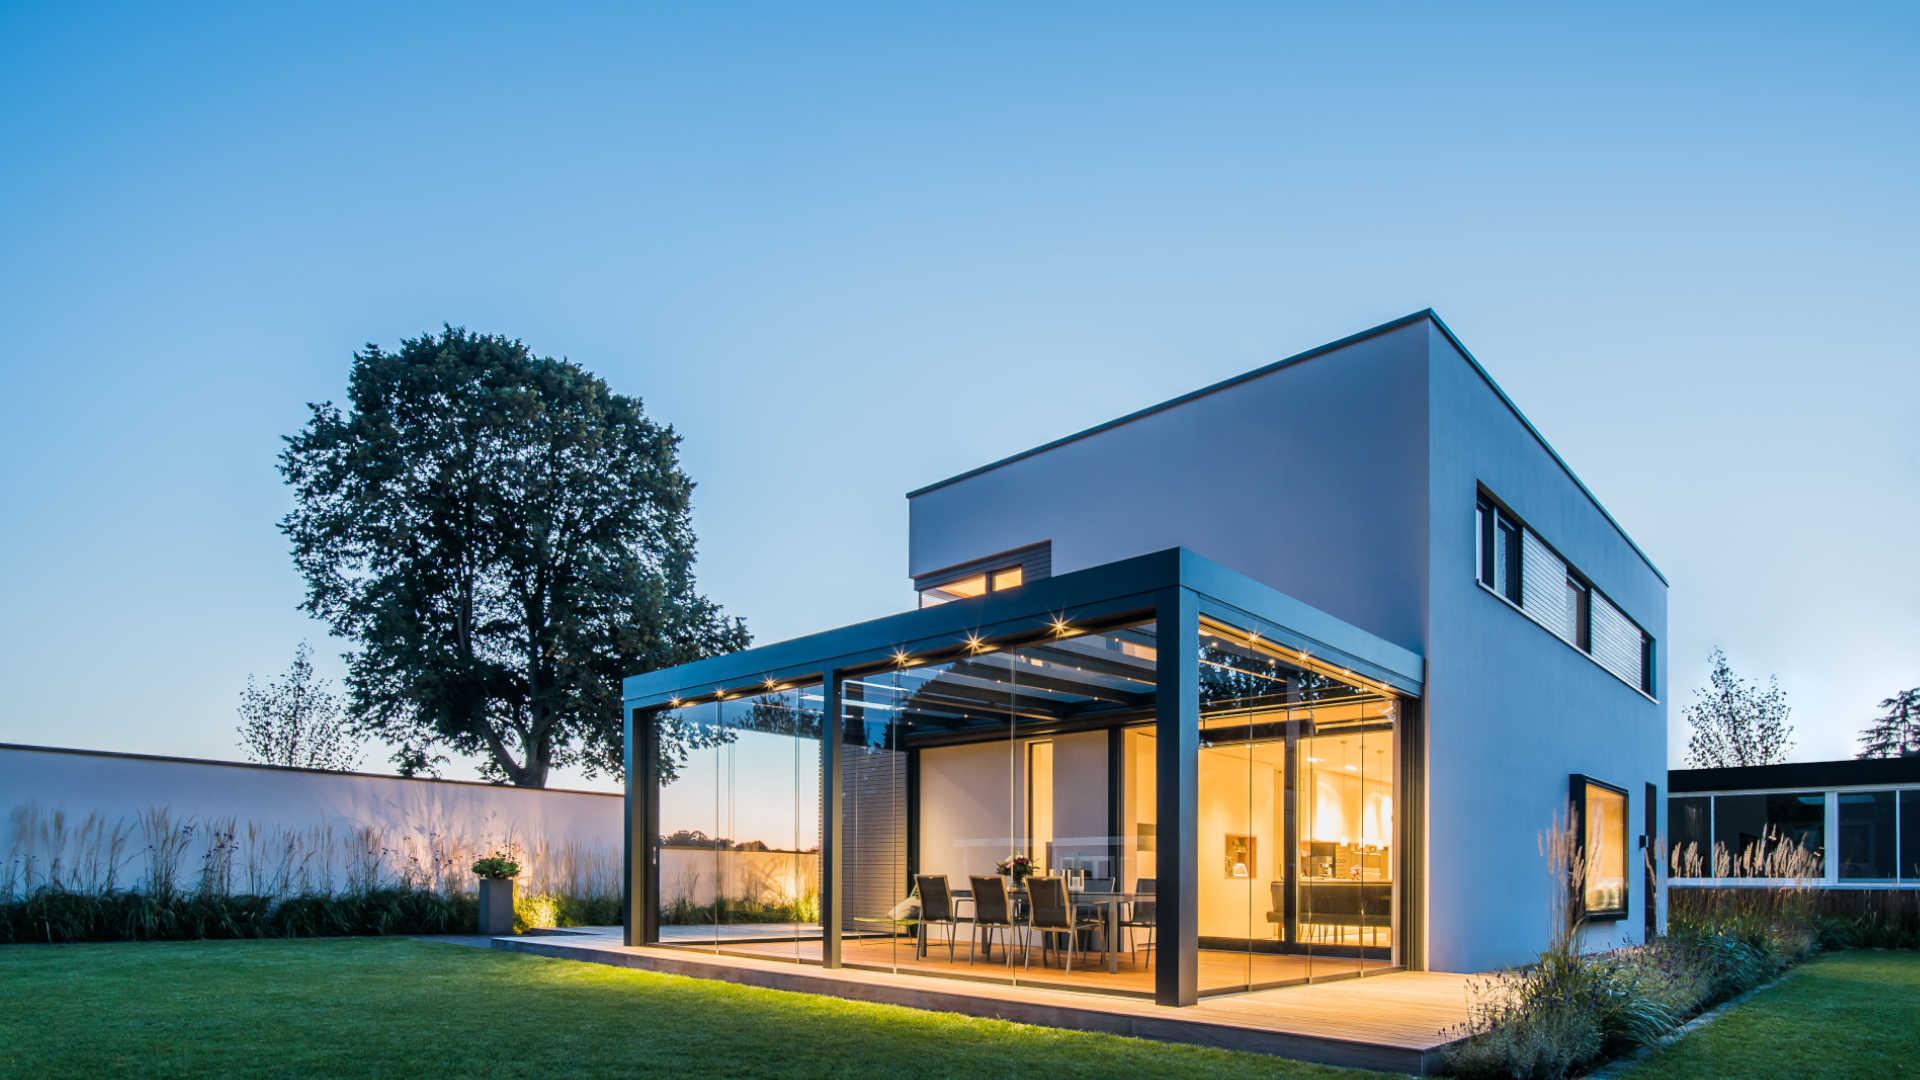 Galeriebild milieu Solarlux Acubis Terrassendach aus Aluminium in grau am Abend